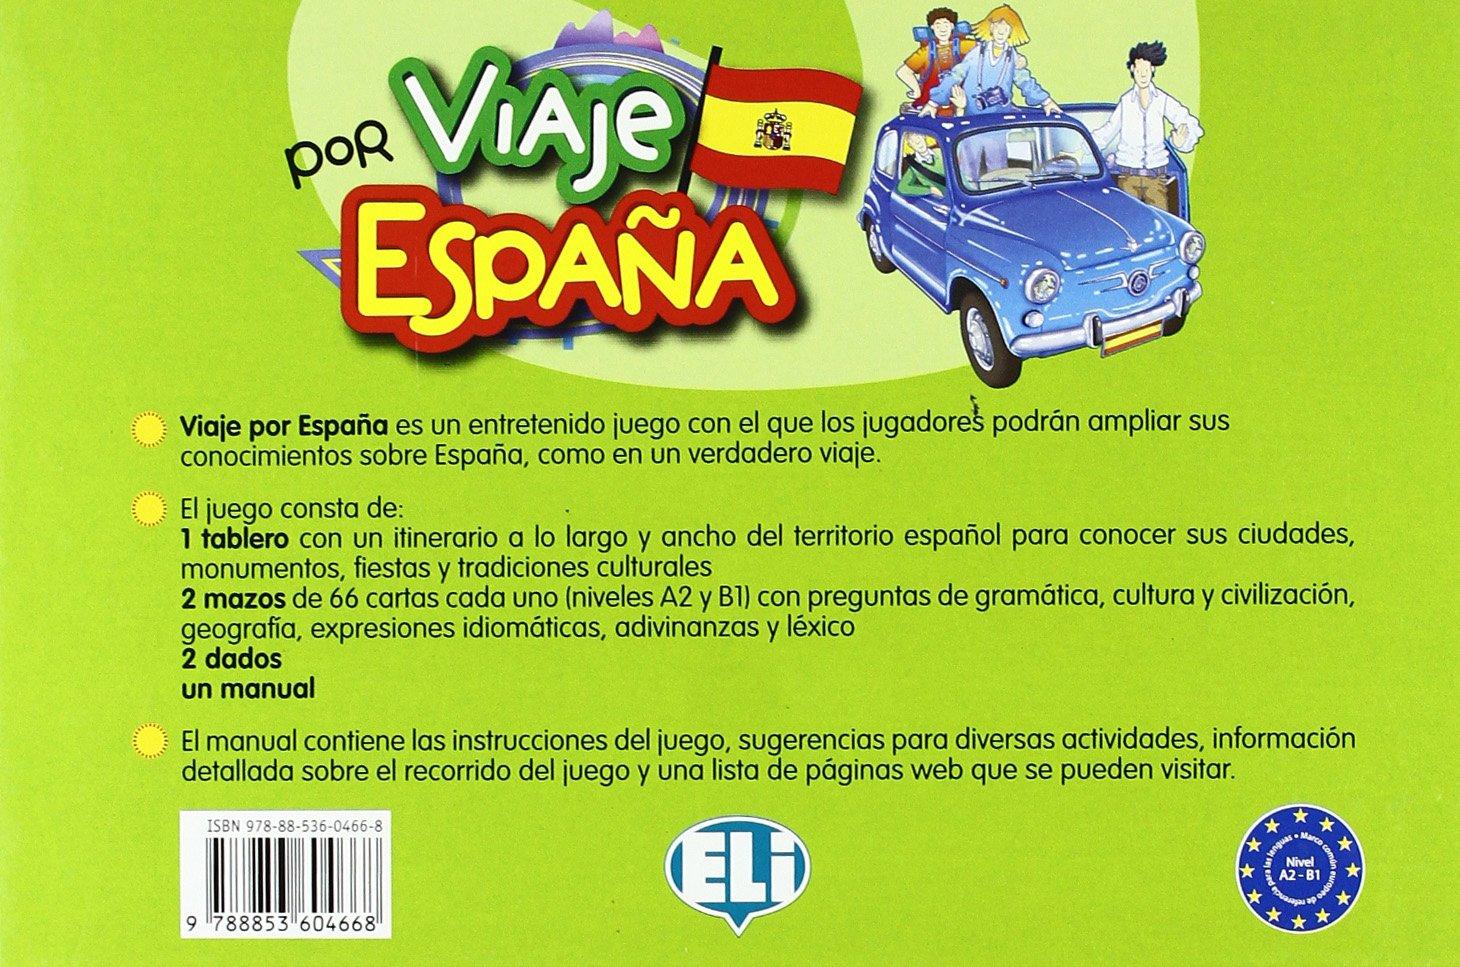 VIAJE POR ESPAÑA (Giochi didattici): Amazon.es: VV.AA: Libros